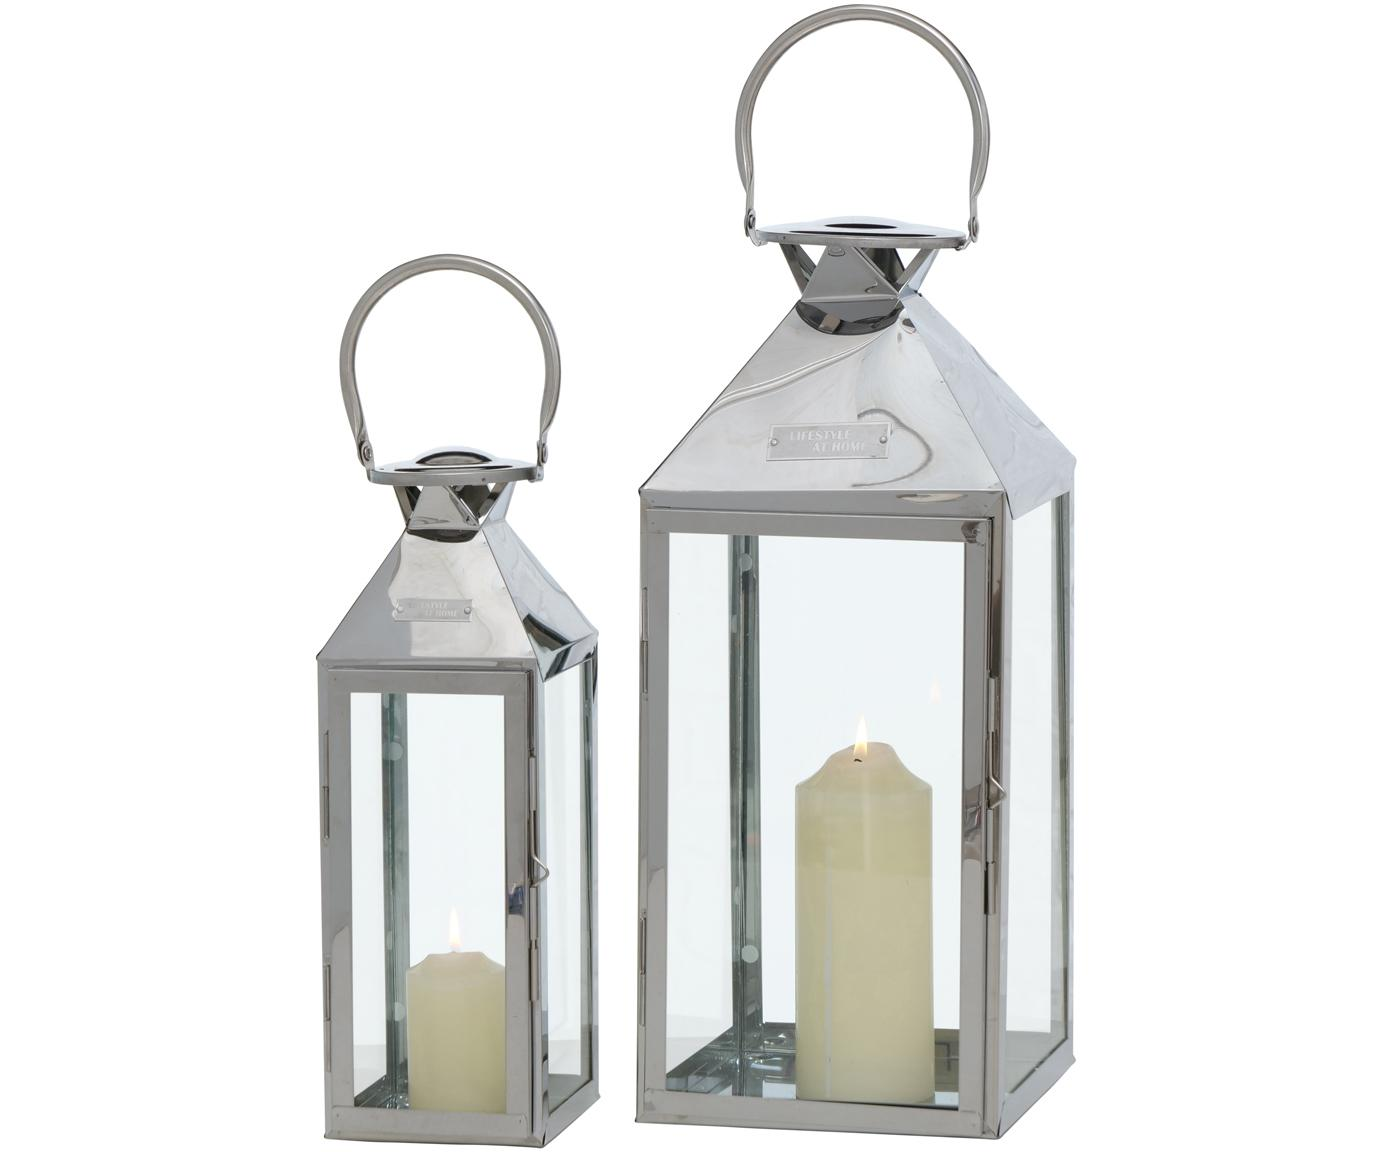 Set de farolillos Jason, 2pzas., Acero inoxidable, vidrio, Plateado, Set de diferentes tamaños